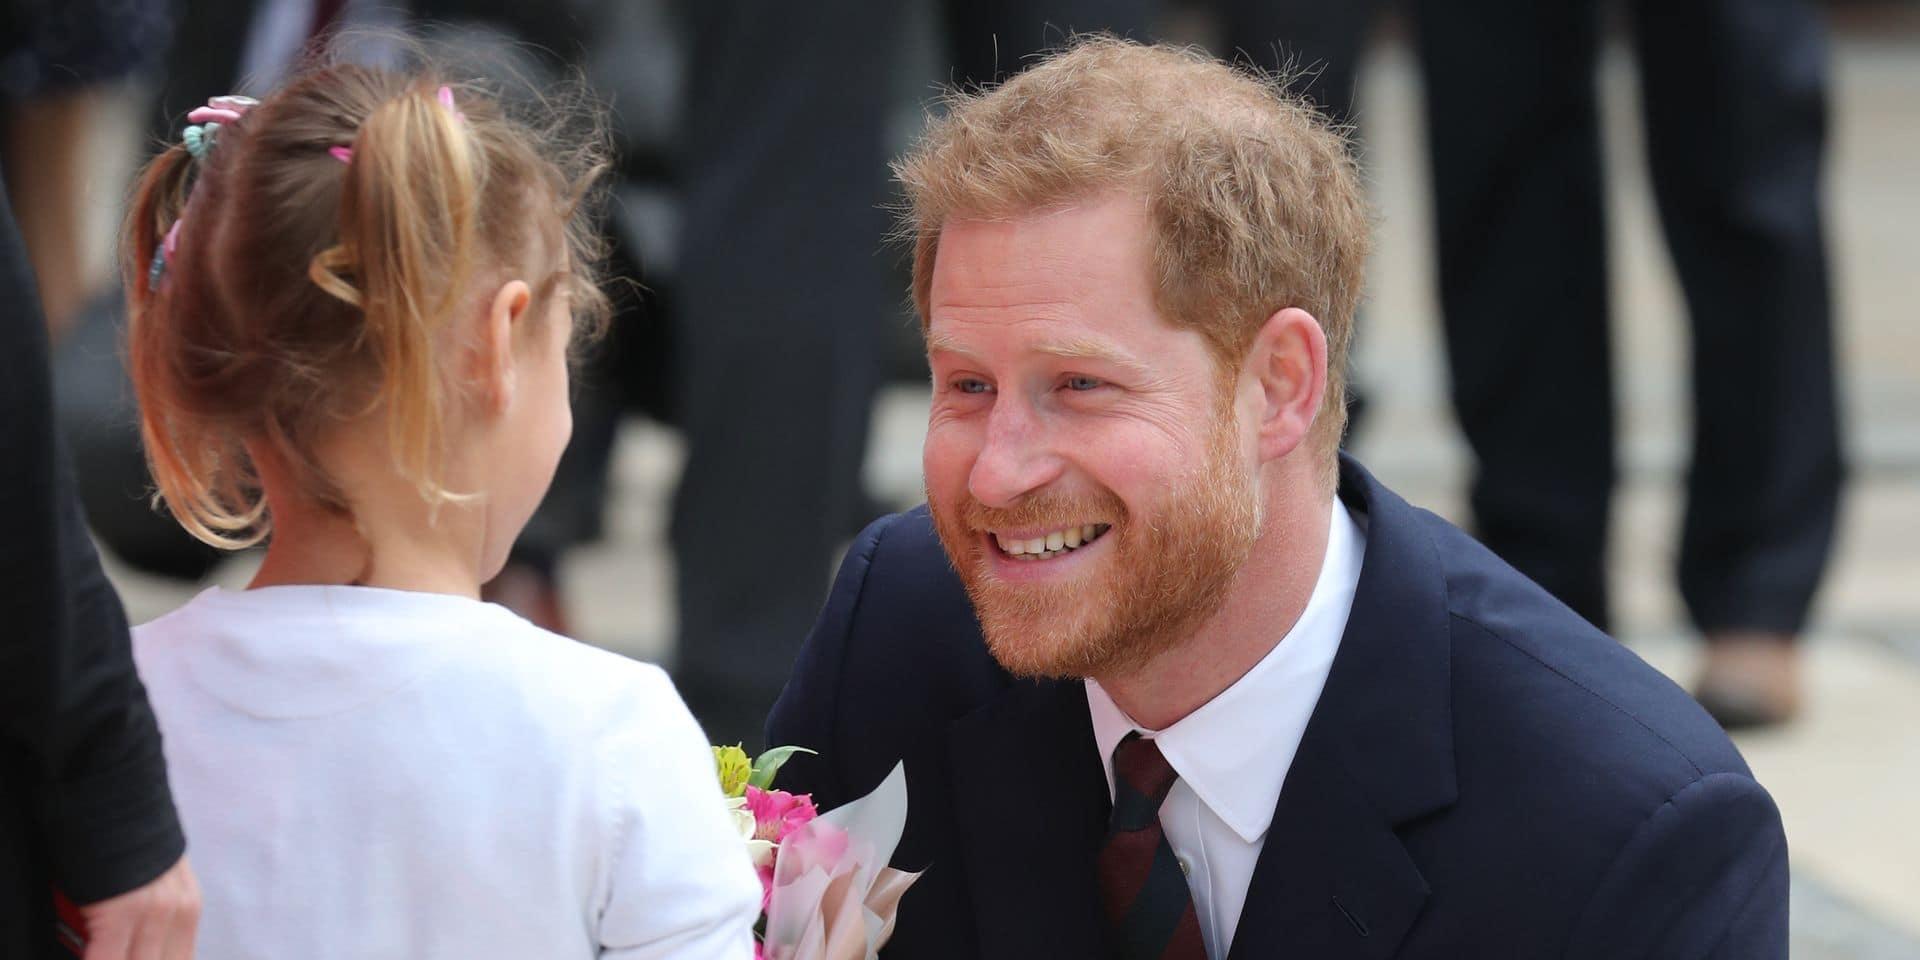 Plus engagé que jamais, le prince Harry prépare un docu sur la santé mentale avec Oprah Winfrey